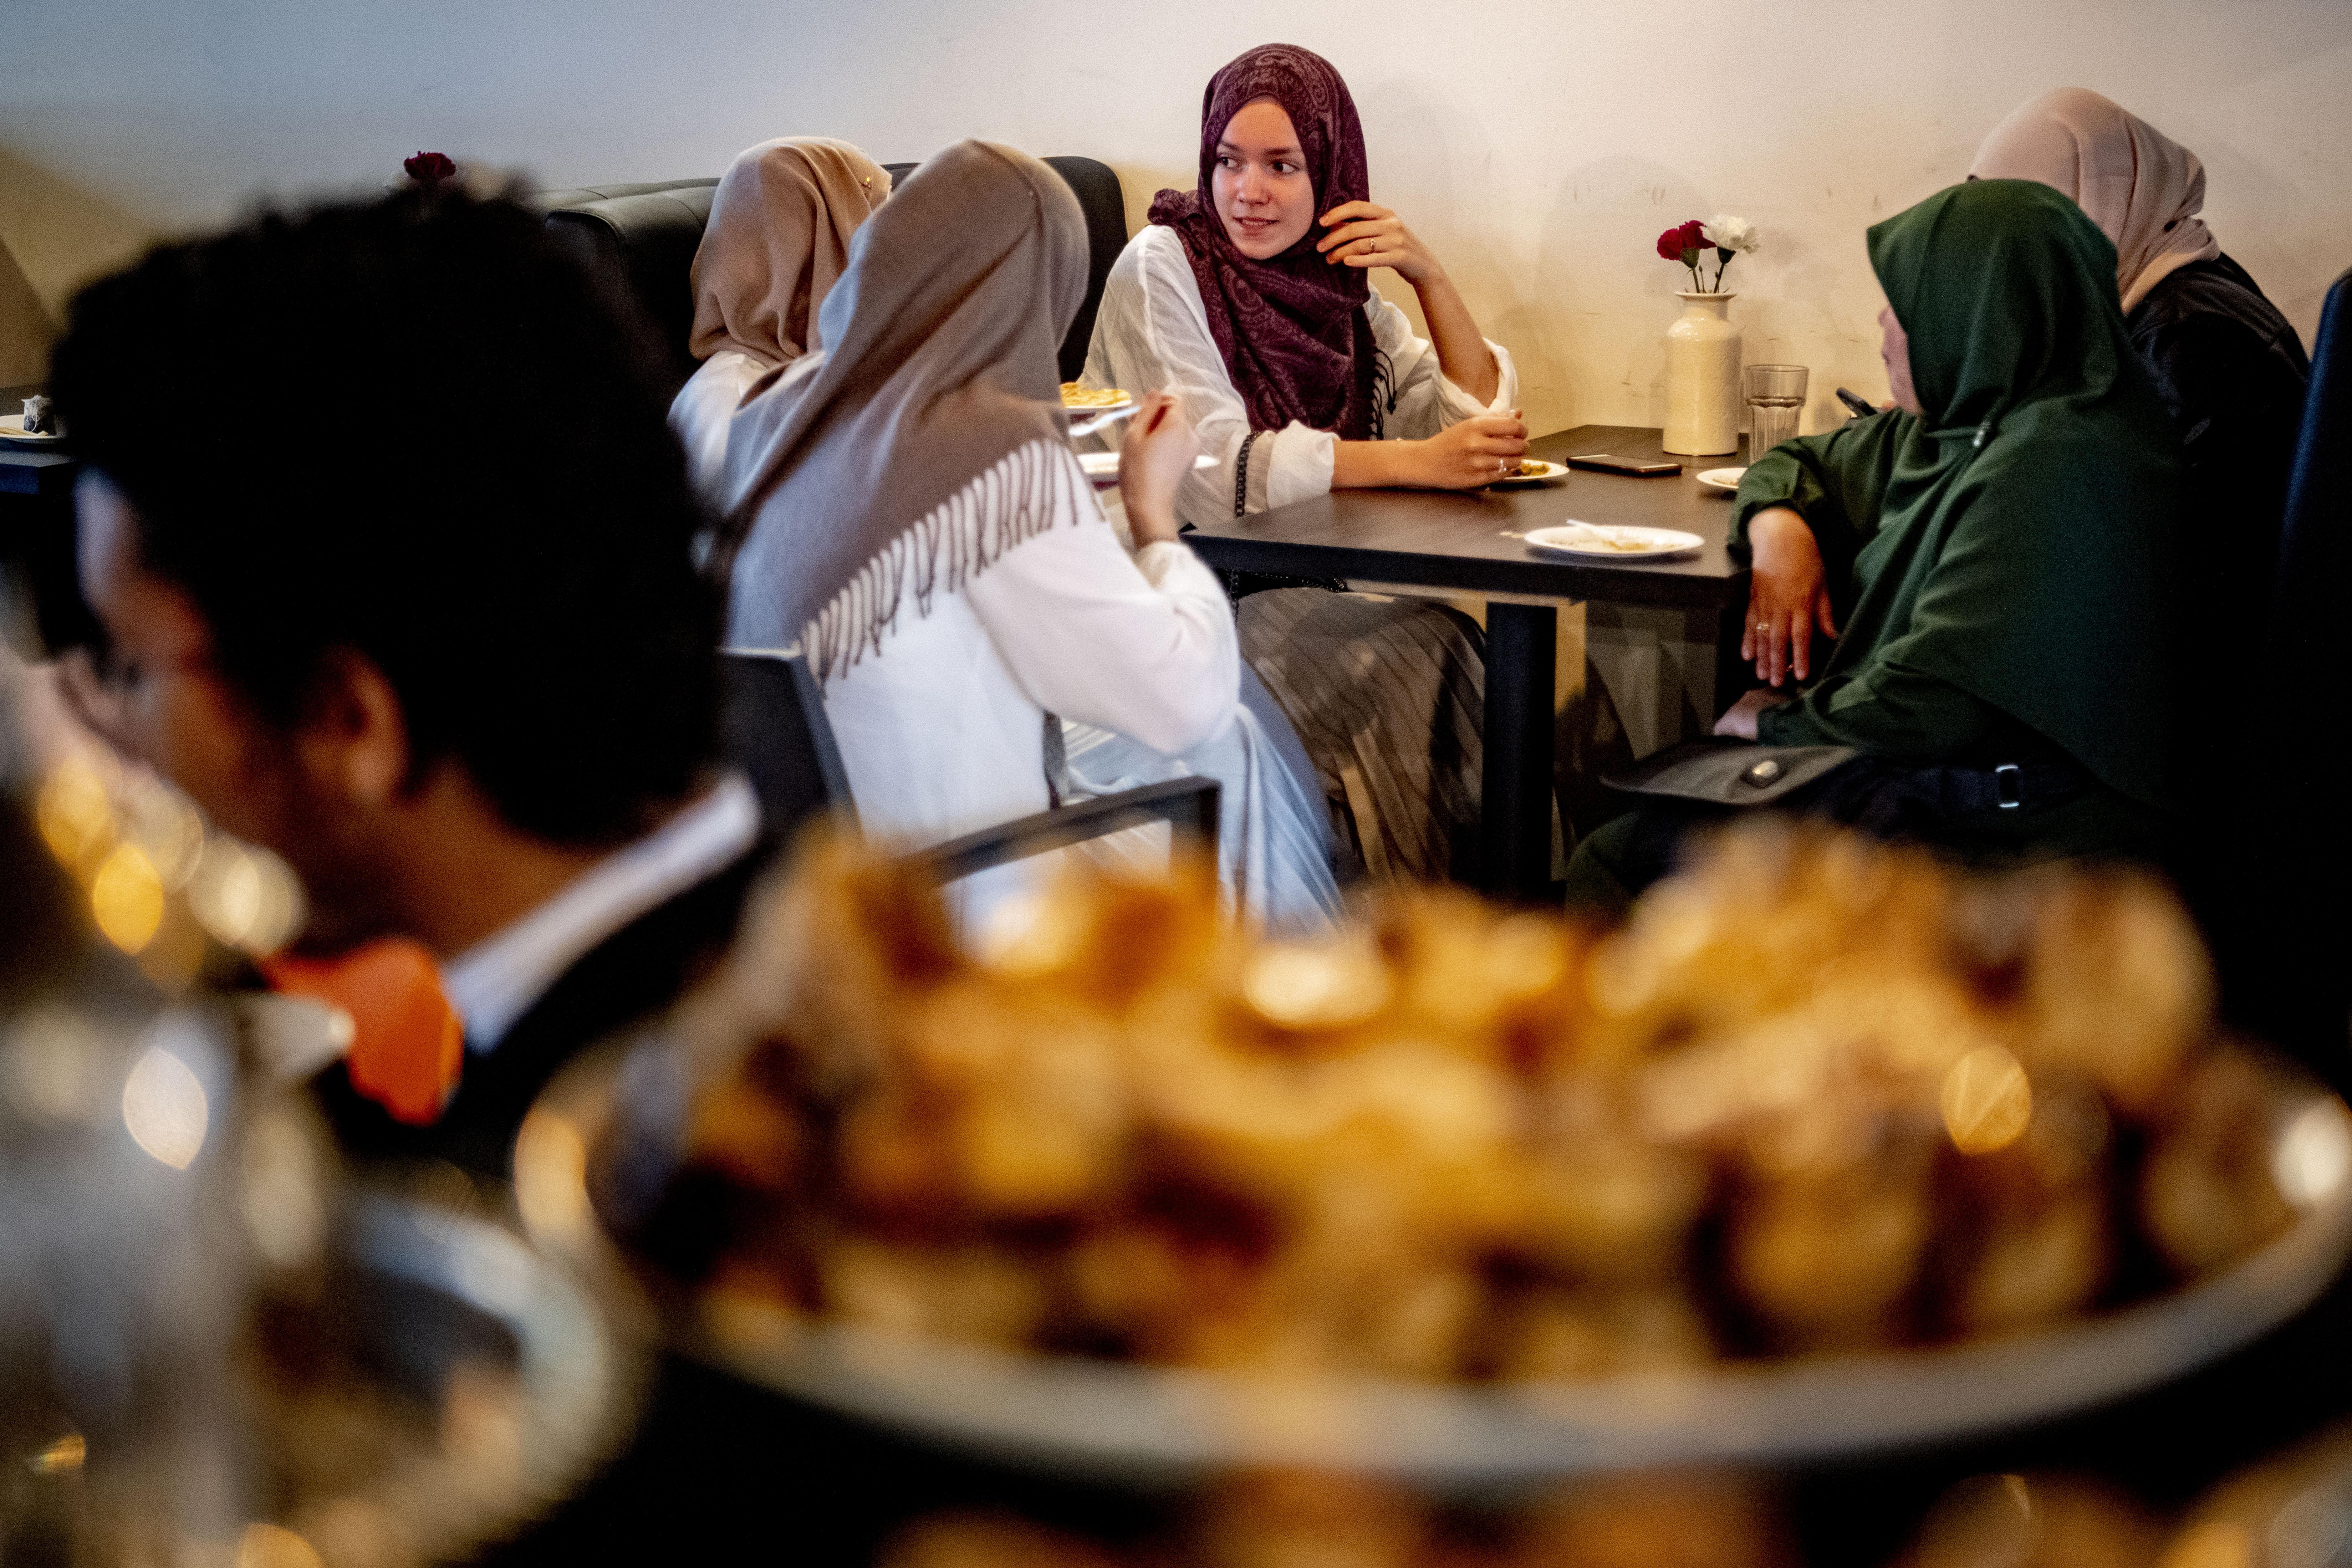 Overnachten in de moskee om de avondklok te mijden? 'Aan dit soort rare, waanzinnige ideeën doen wij niet mee'